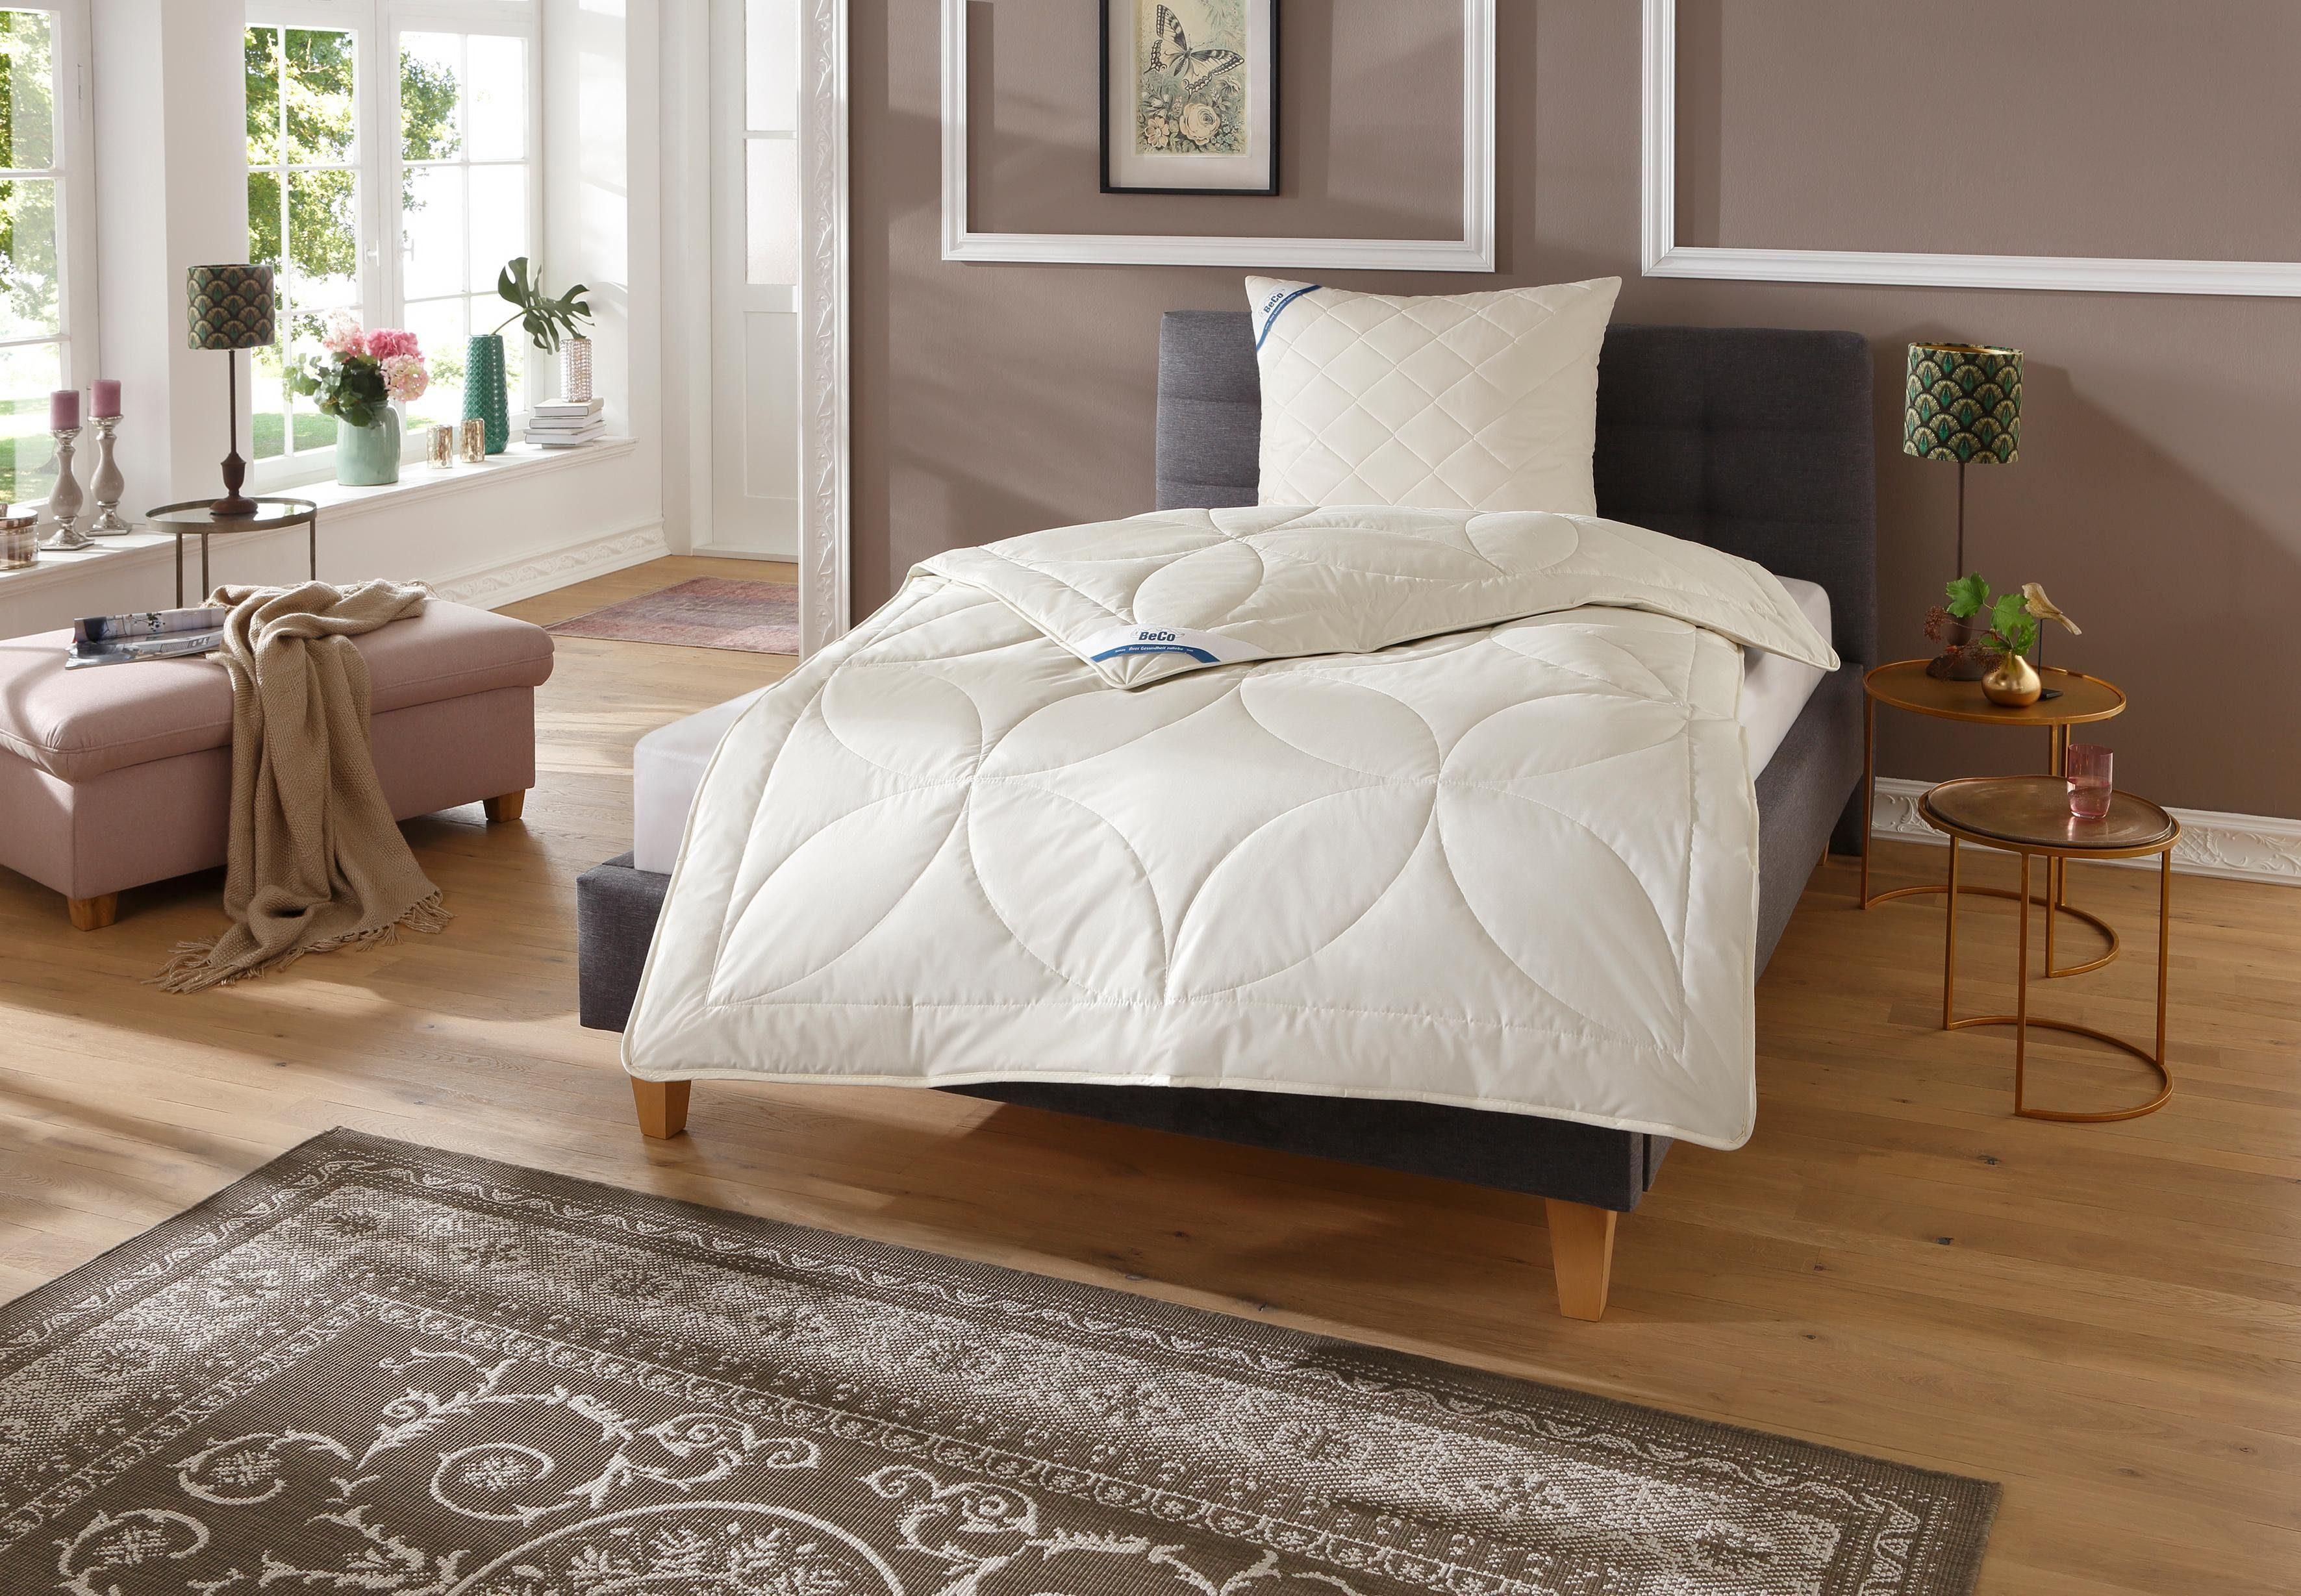 Bettdeckenset, »BeCo Kamelhaar«, Beco, Leicht - natürliches Bettklima und waschbar bis 30°